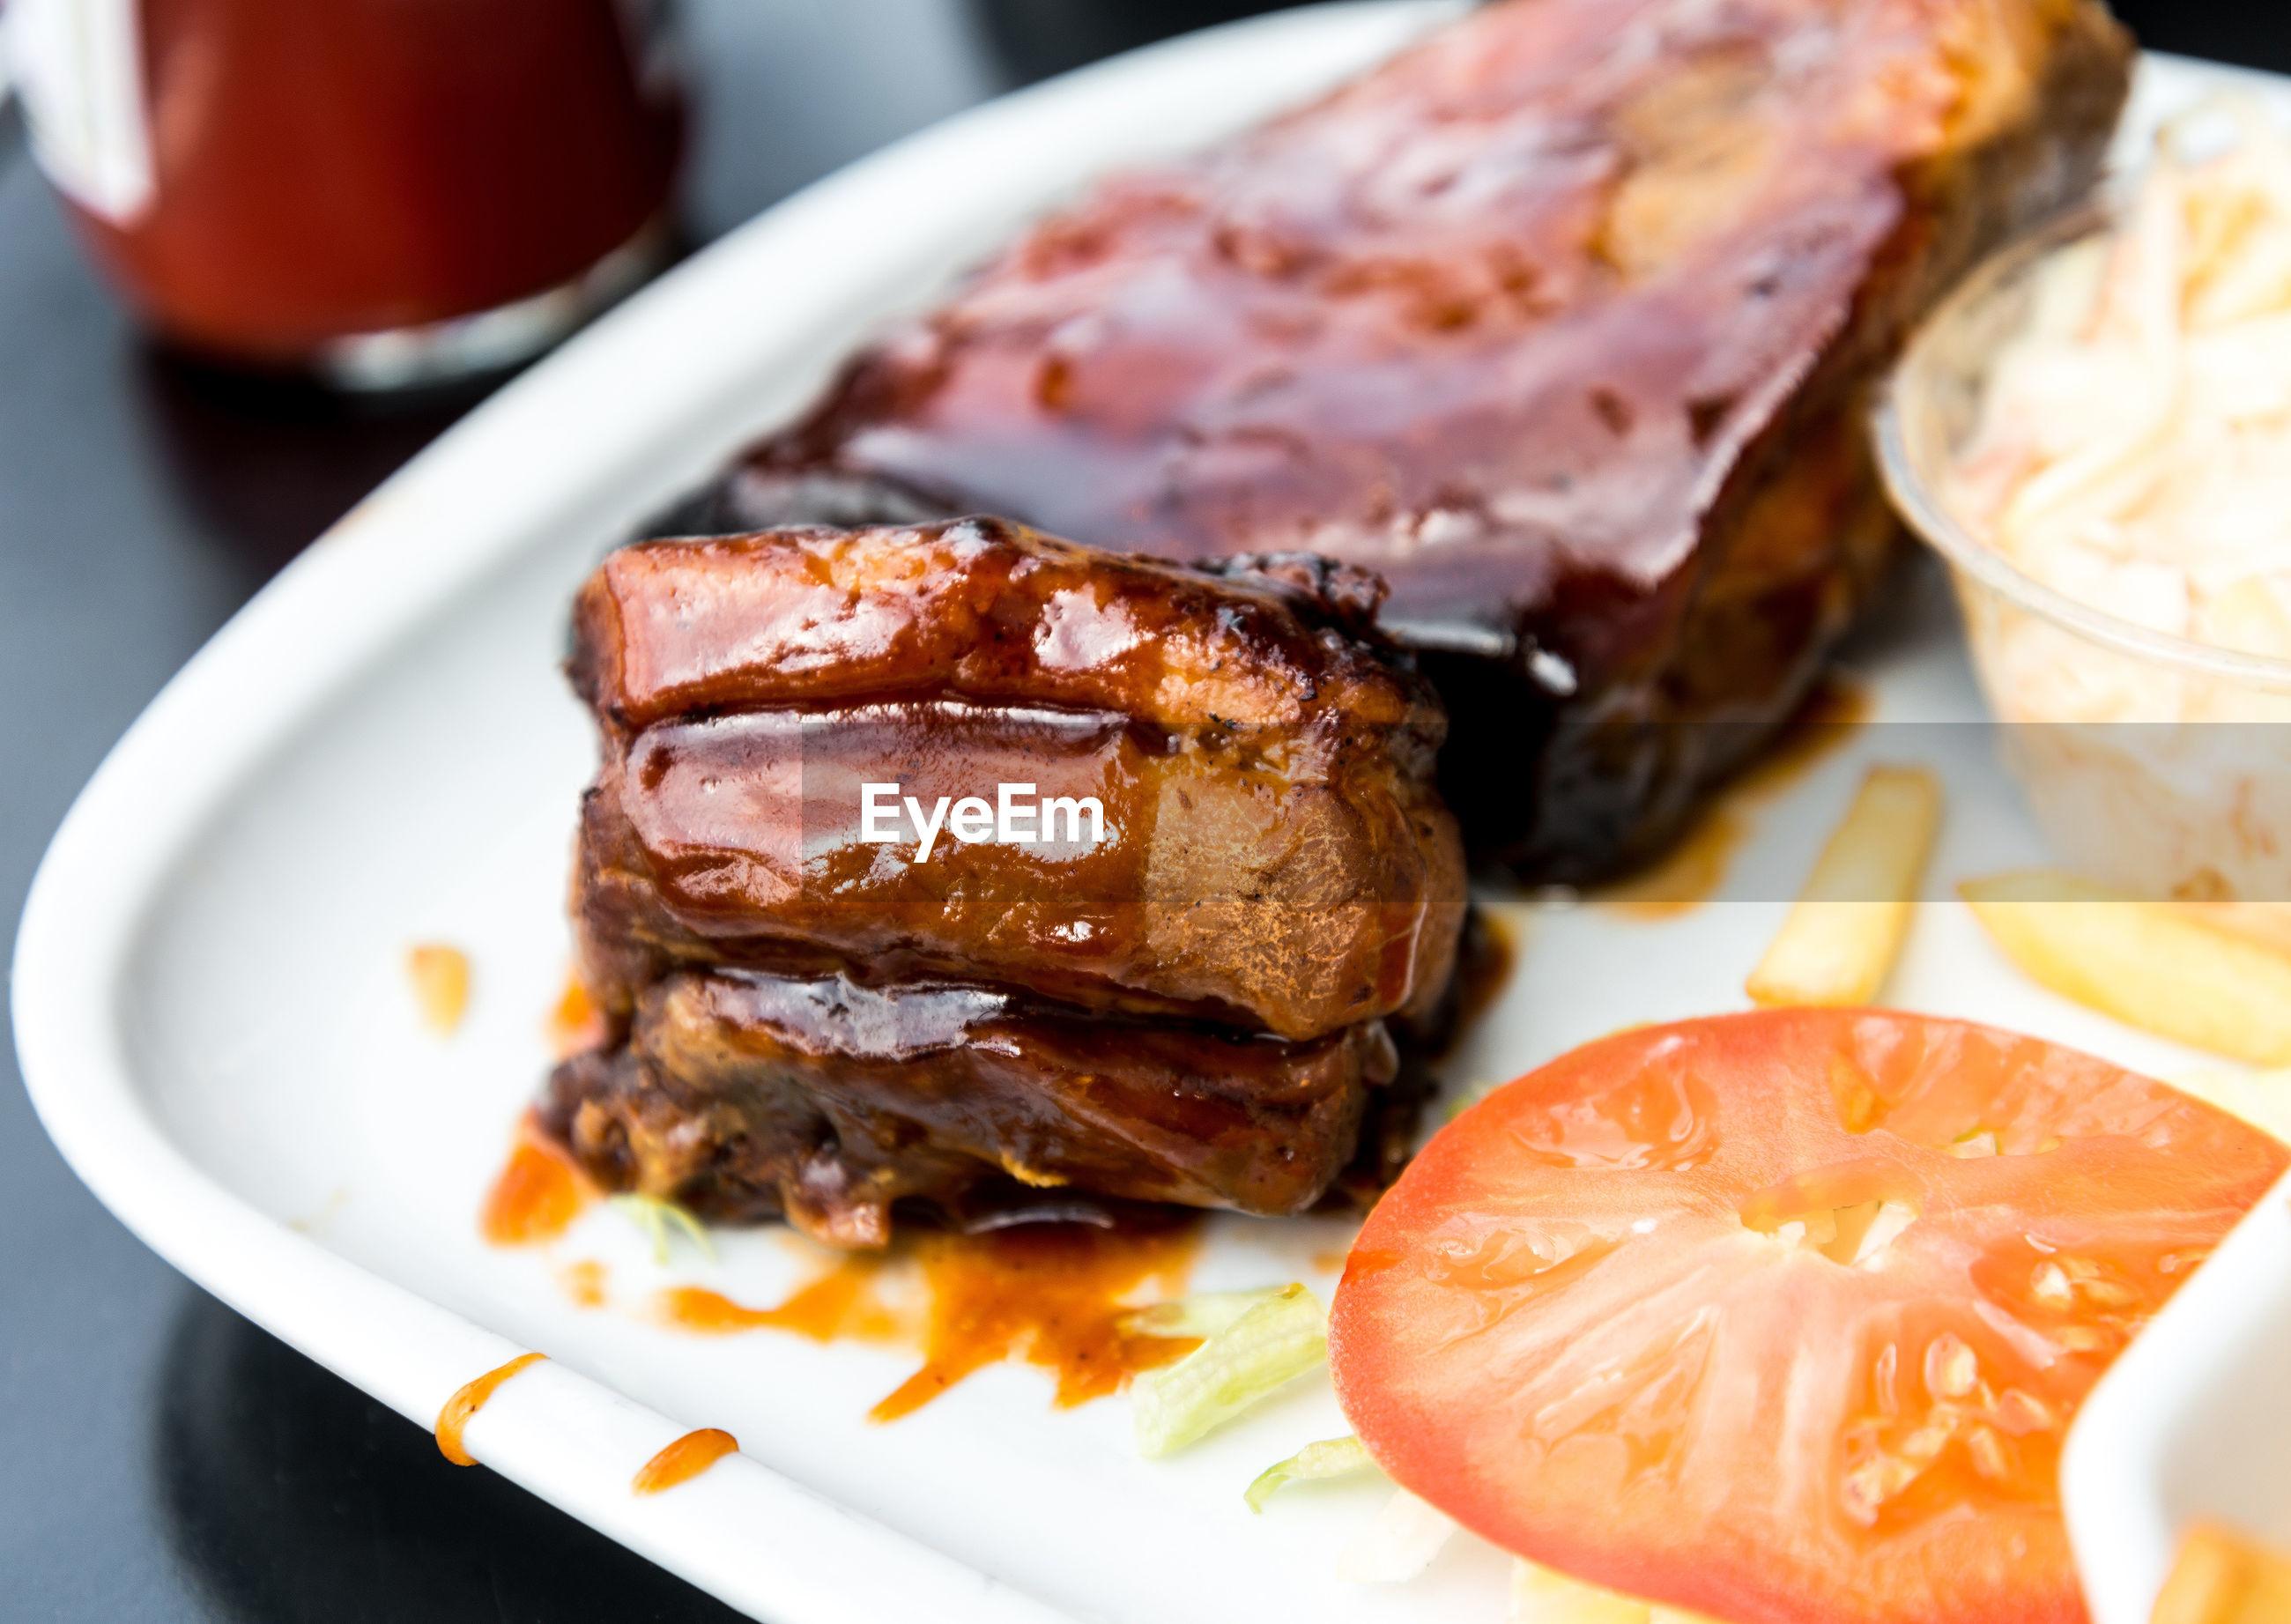 Brisket glazed in barbecue sauce